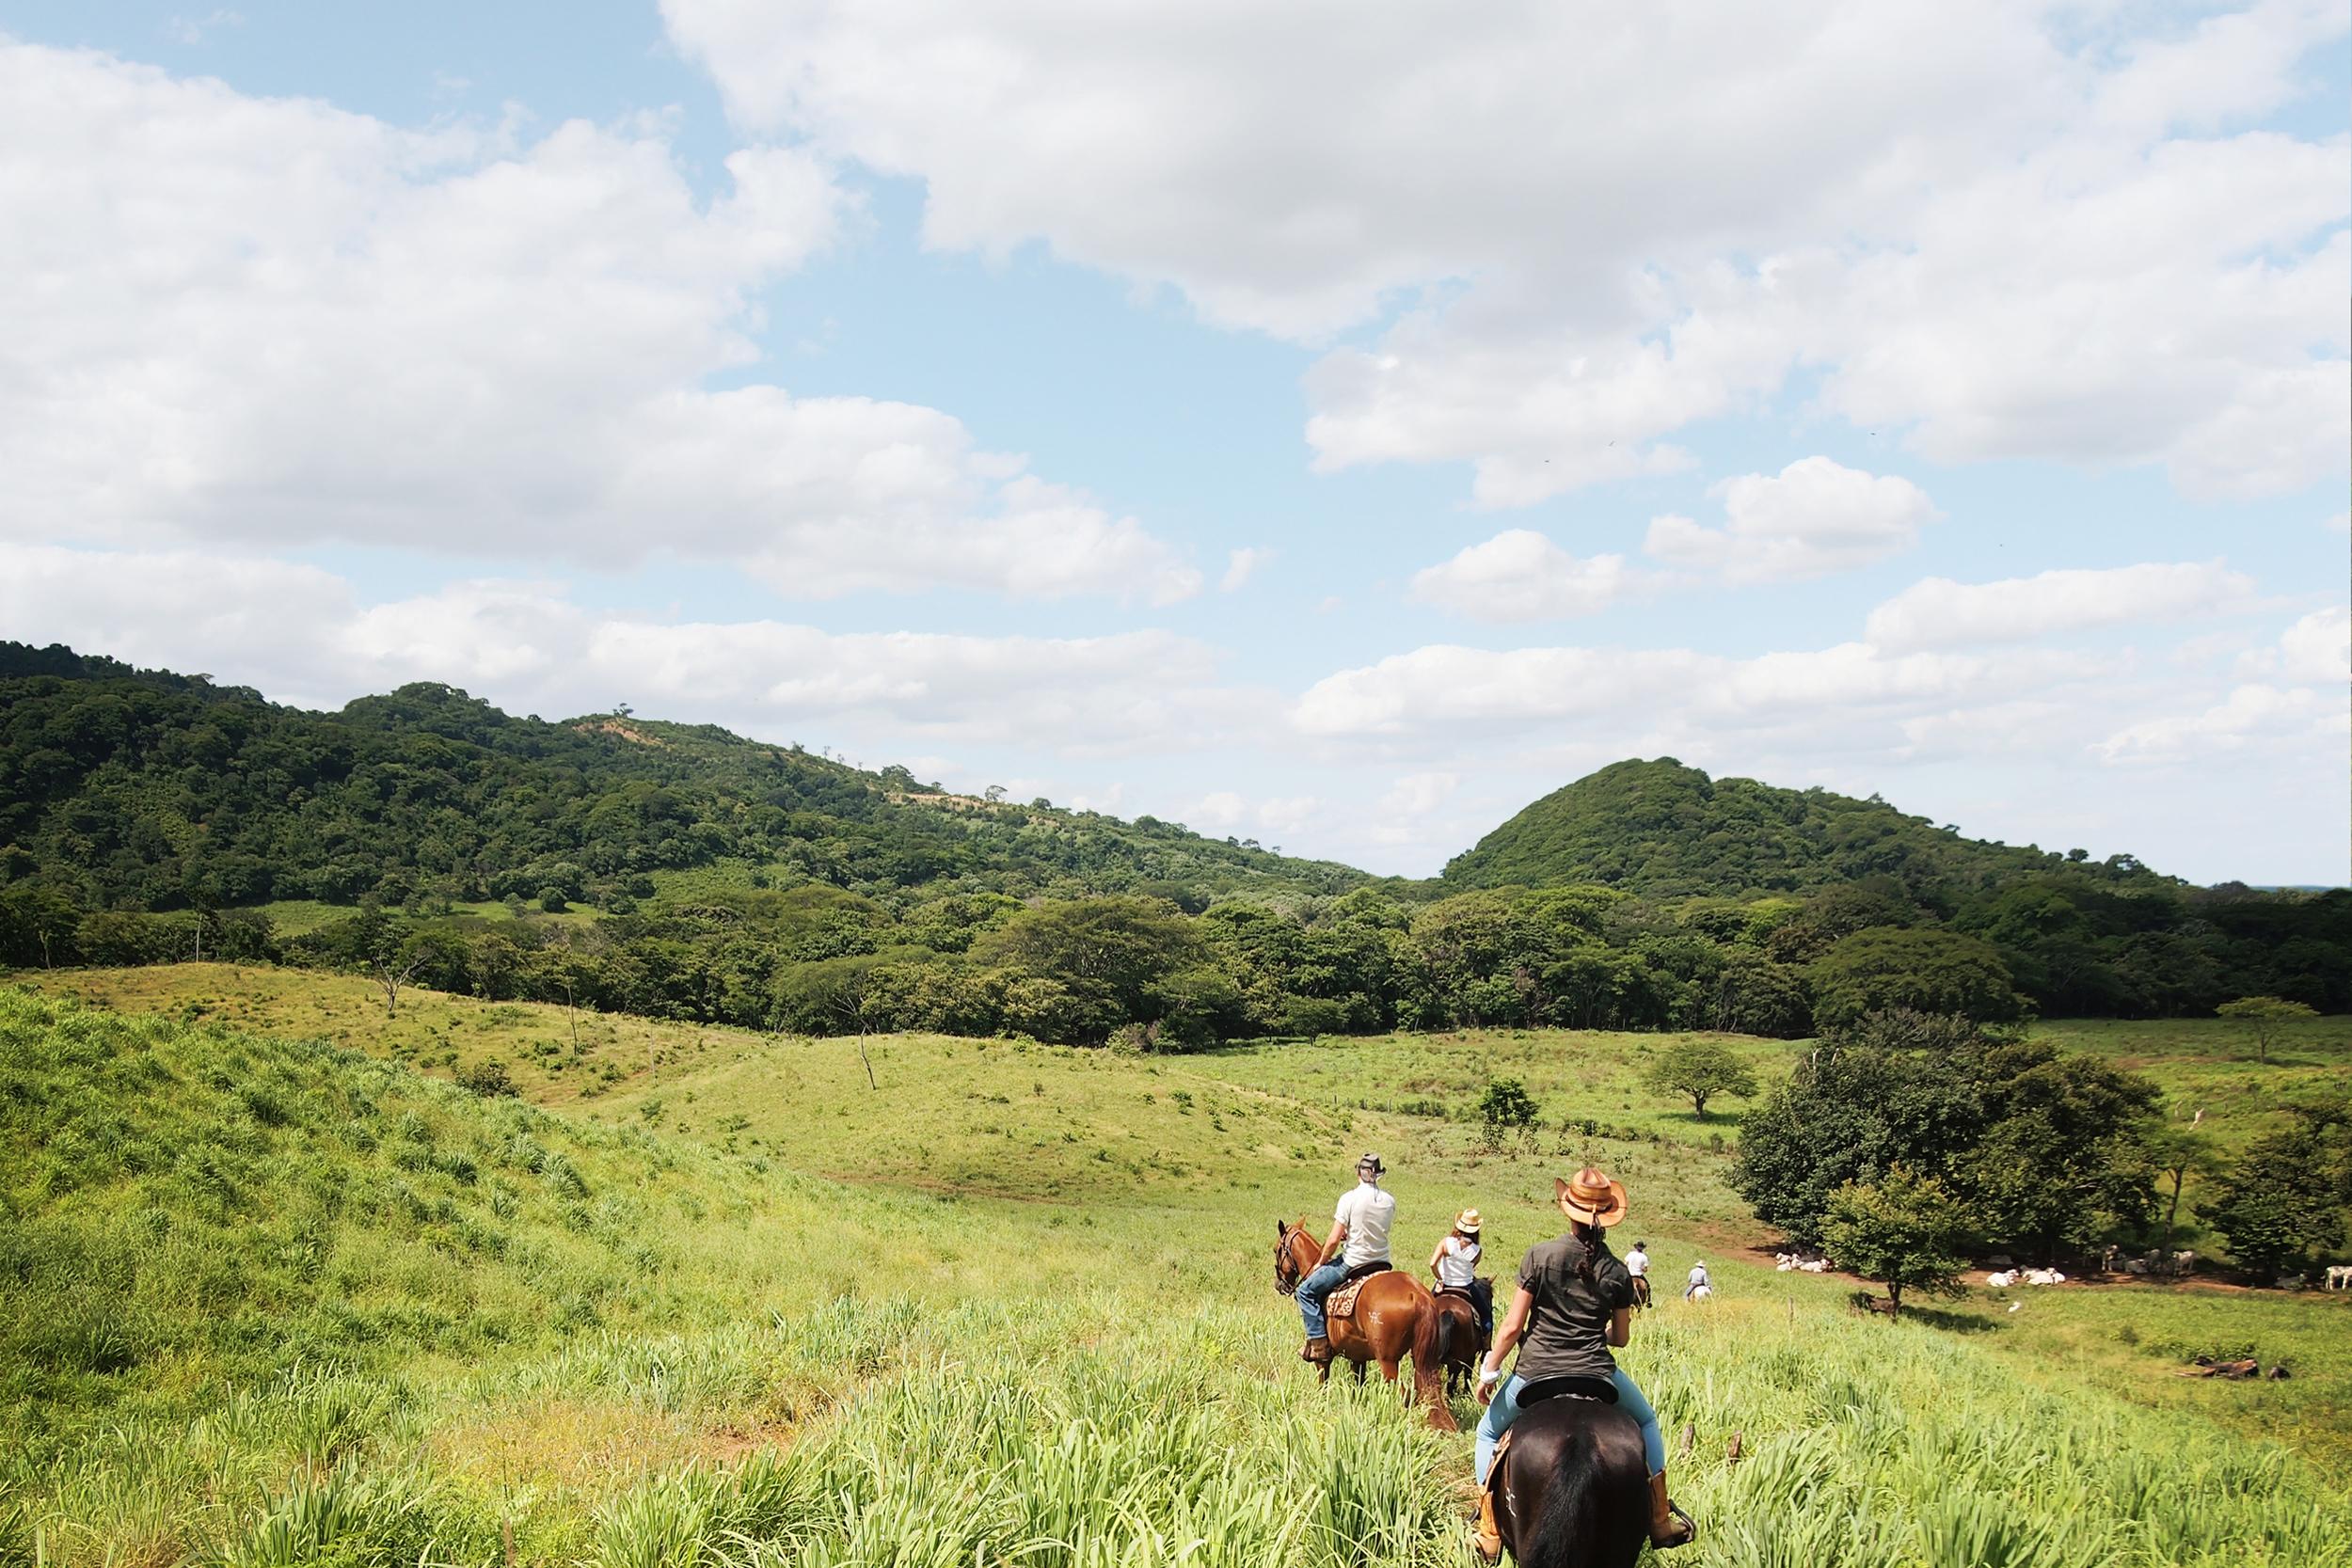 The Savannah at Big Sky Ranch Nicaragua